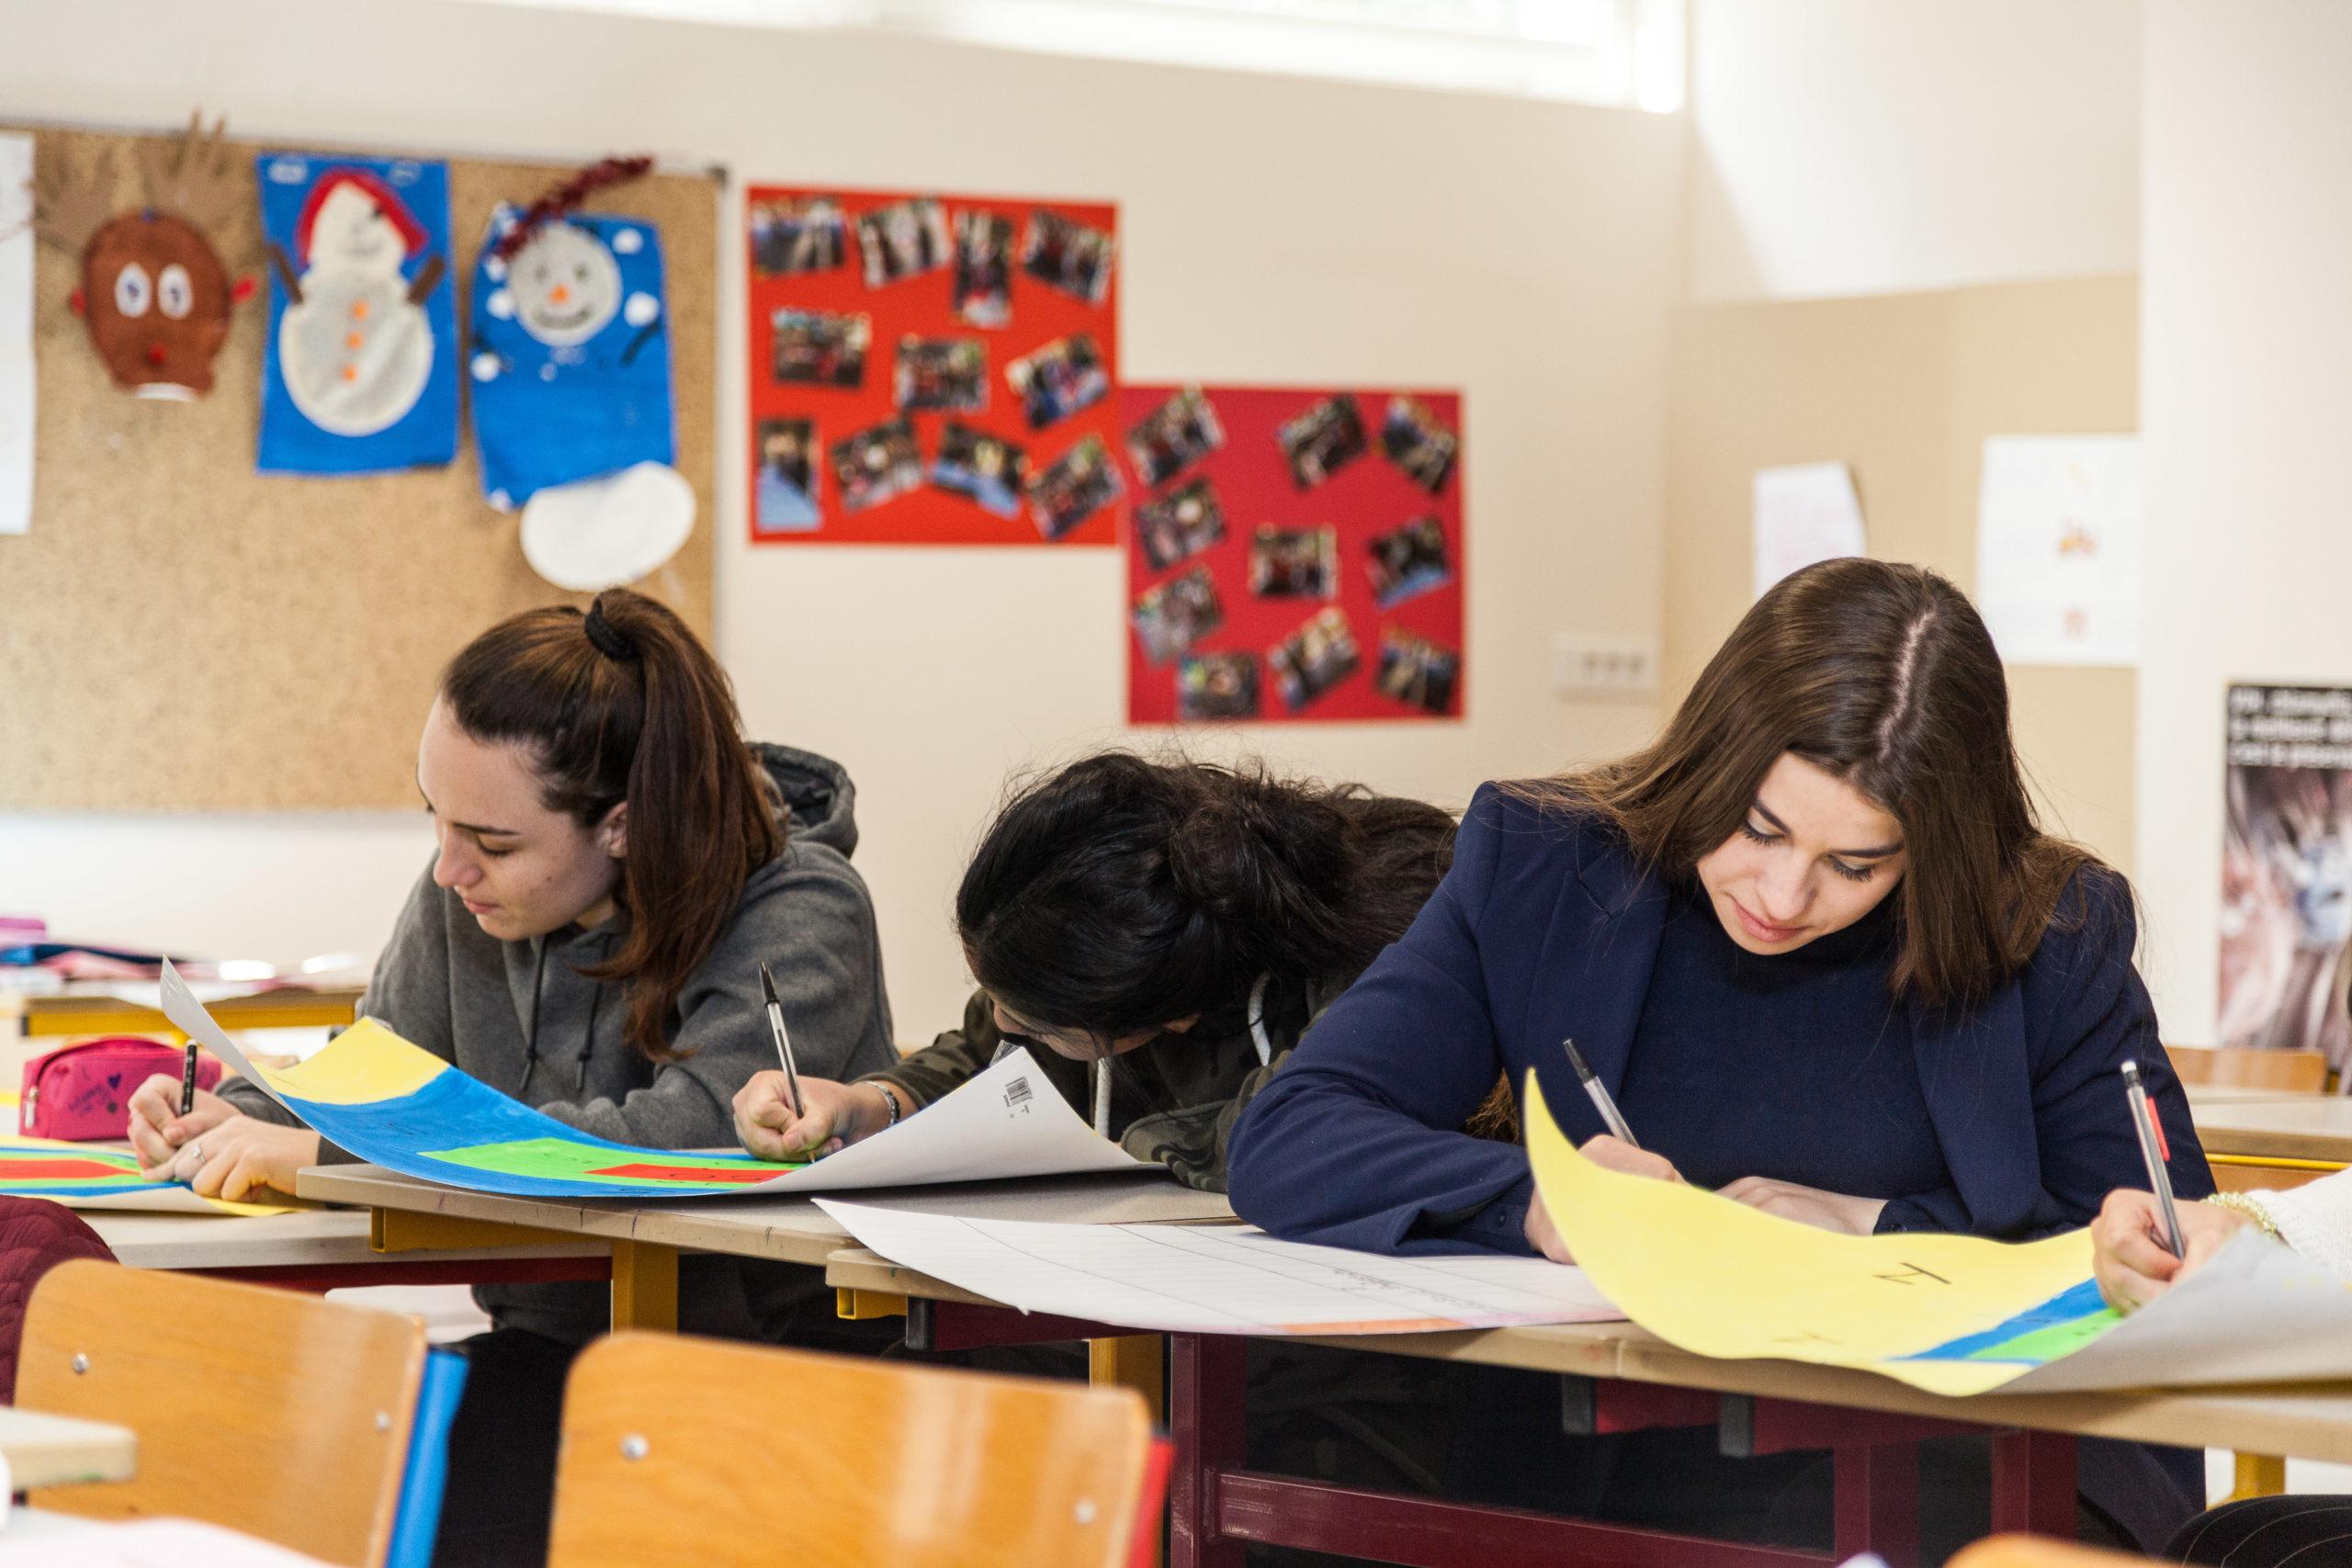 Des élèves travaillent en salle de classe et font des travaux manuels